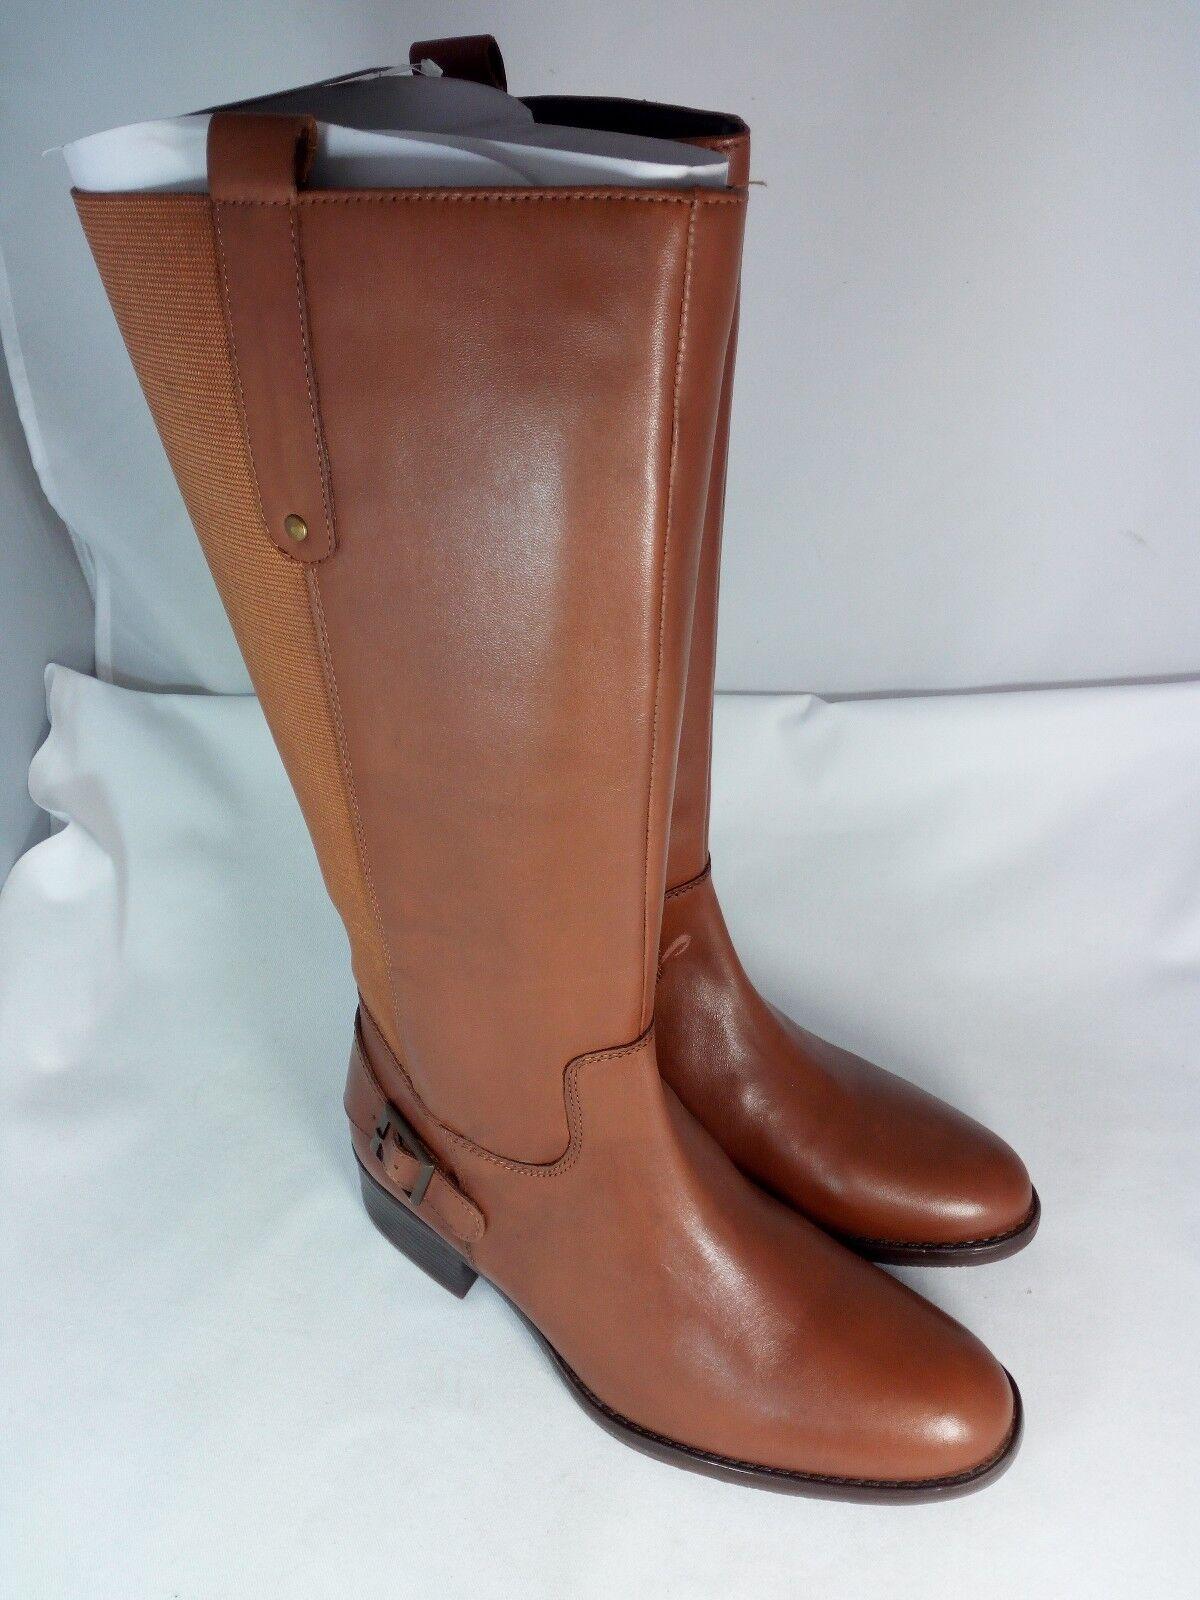 SHEEGO | Damen | Weitschaft-Stiefel | | Echtleder | braun | Weitschaft-Stiefel 184 329 XL | EU 41 8e7209